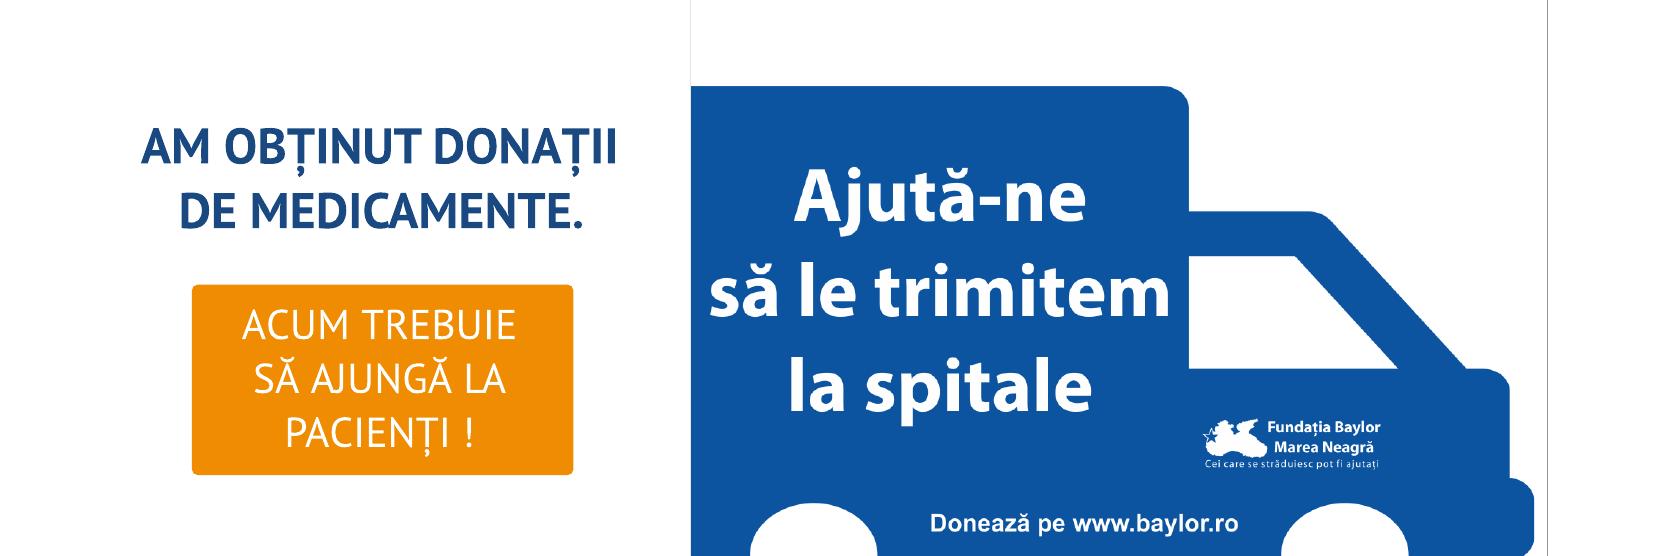 Promotion - Website Banner (1200 x 400)